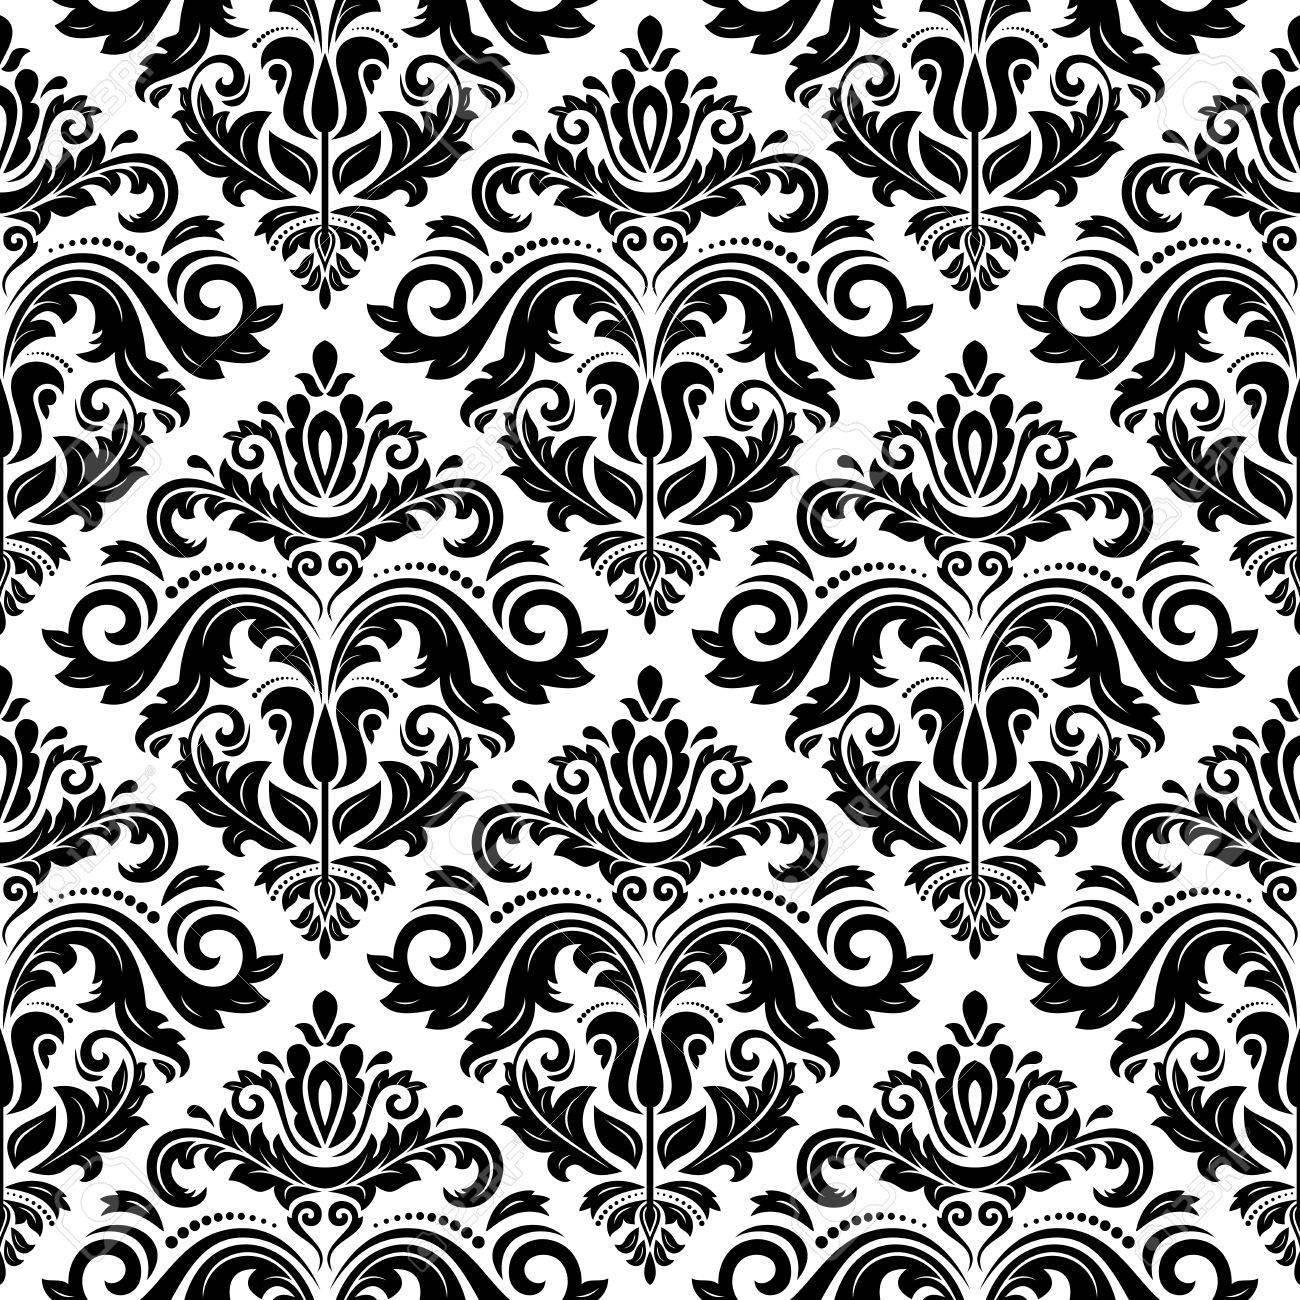 Banque d\u0027images , Motif de damassé Seamless texture abstraite vintage pour  arrière,plan dans le style baroque